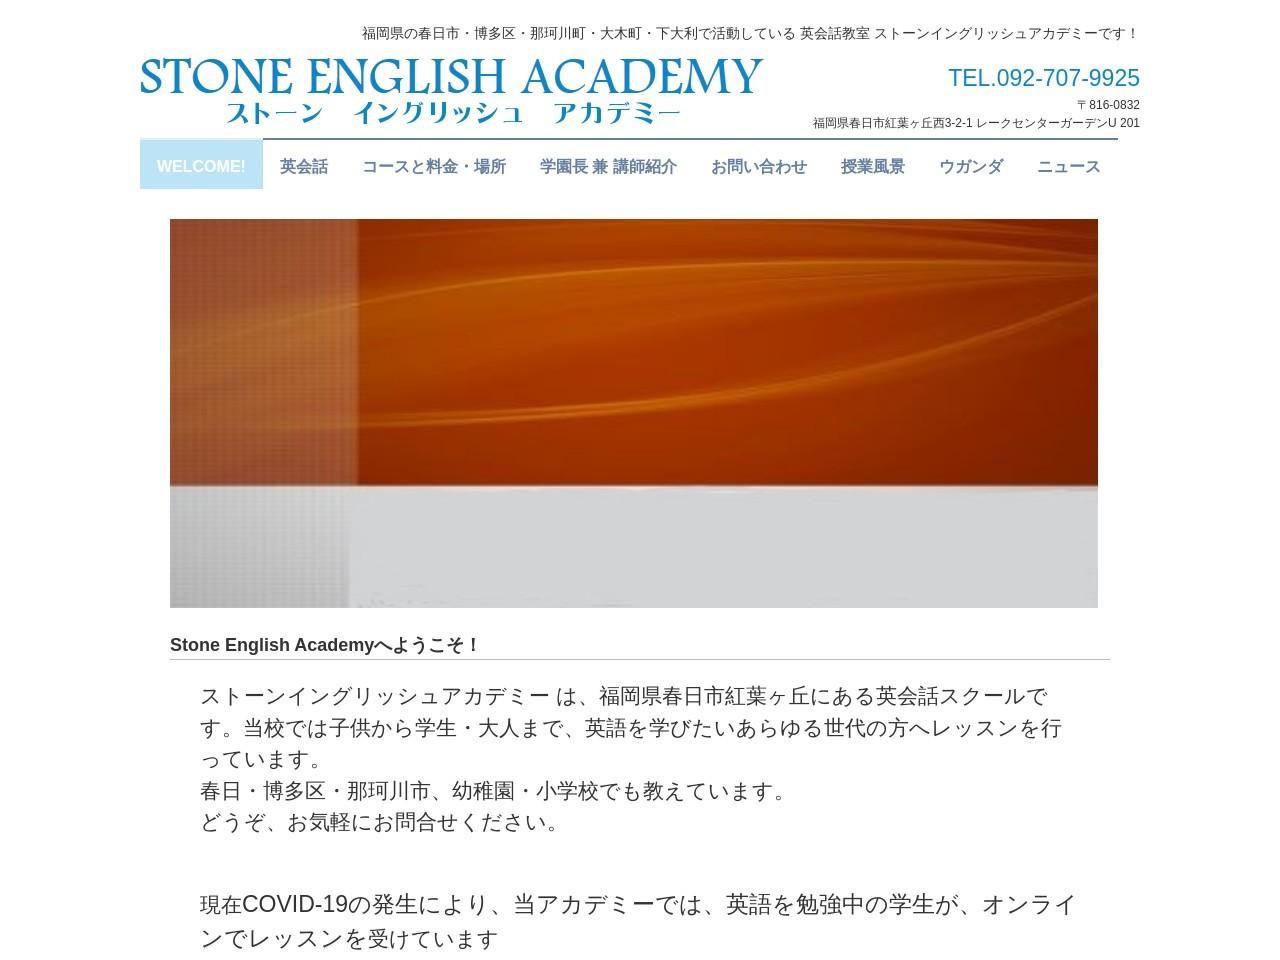 StoneEnglishAcademy